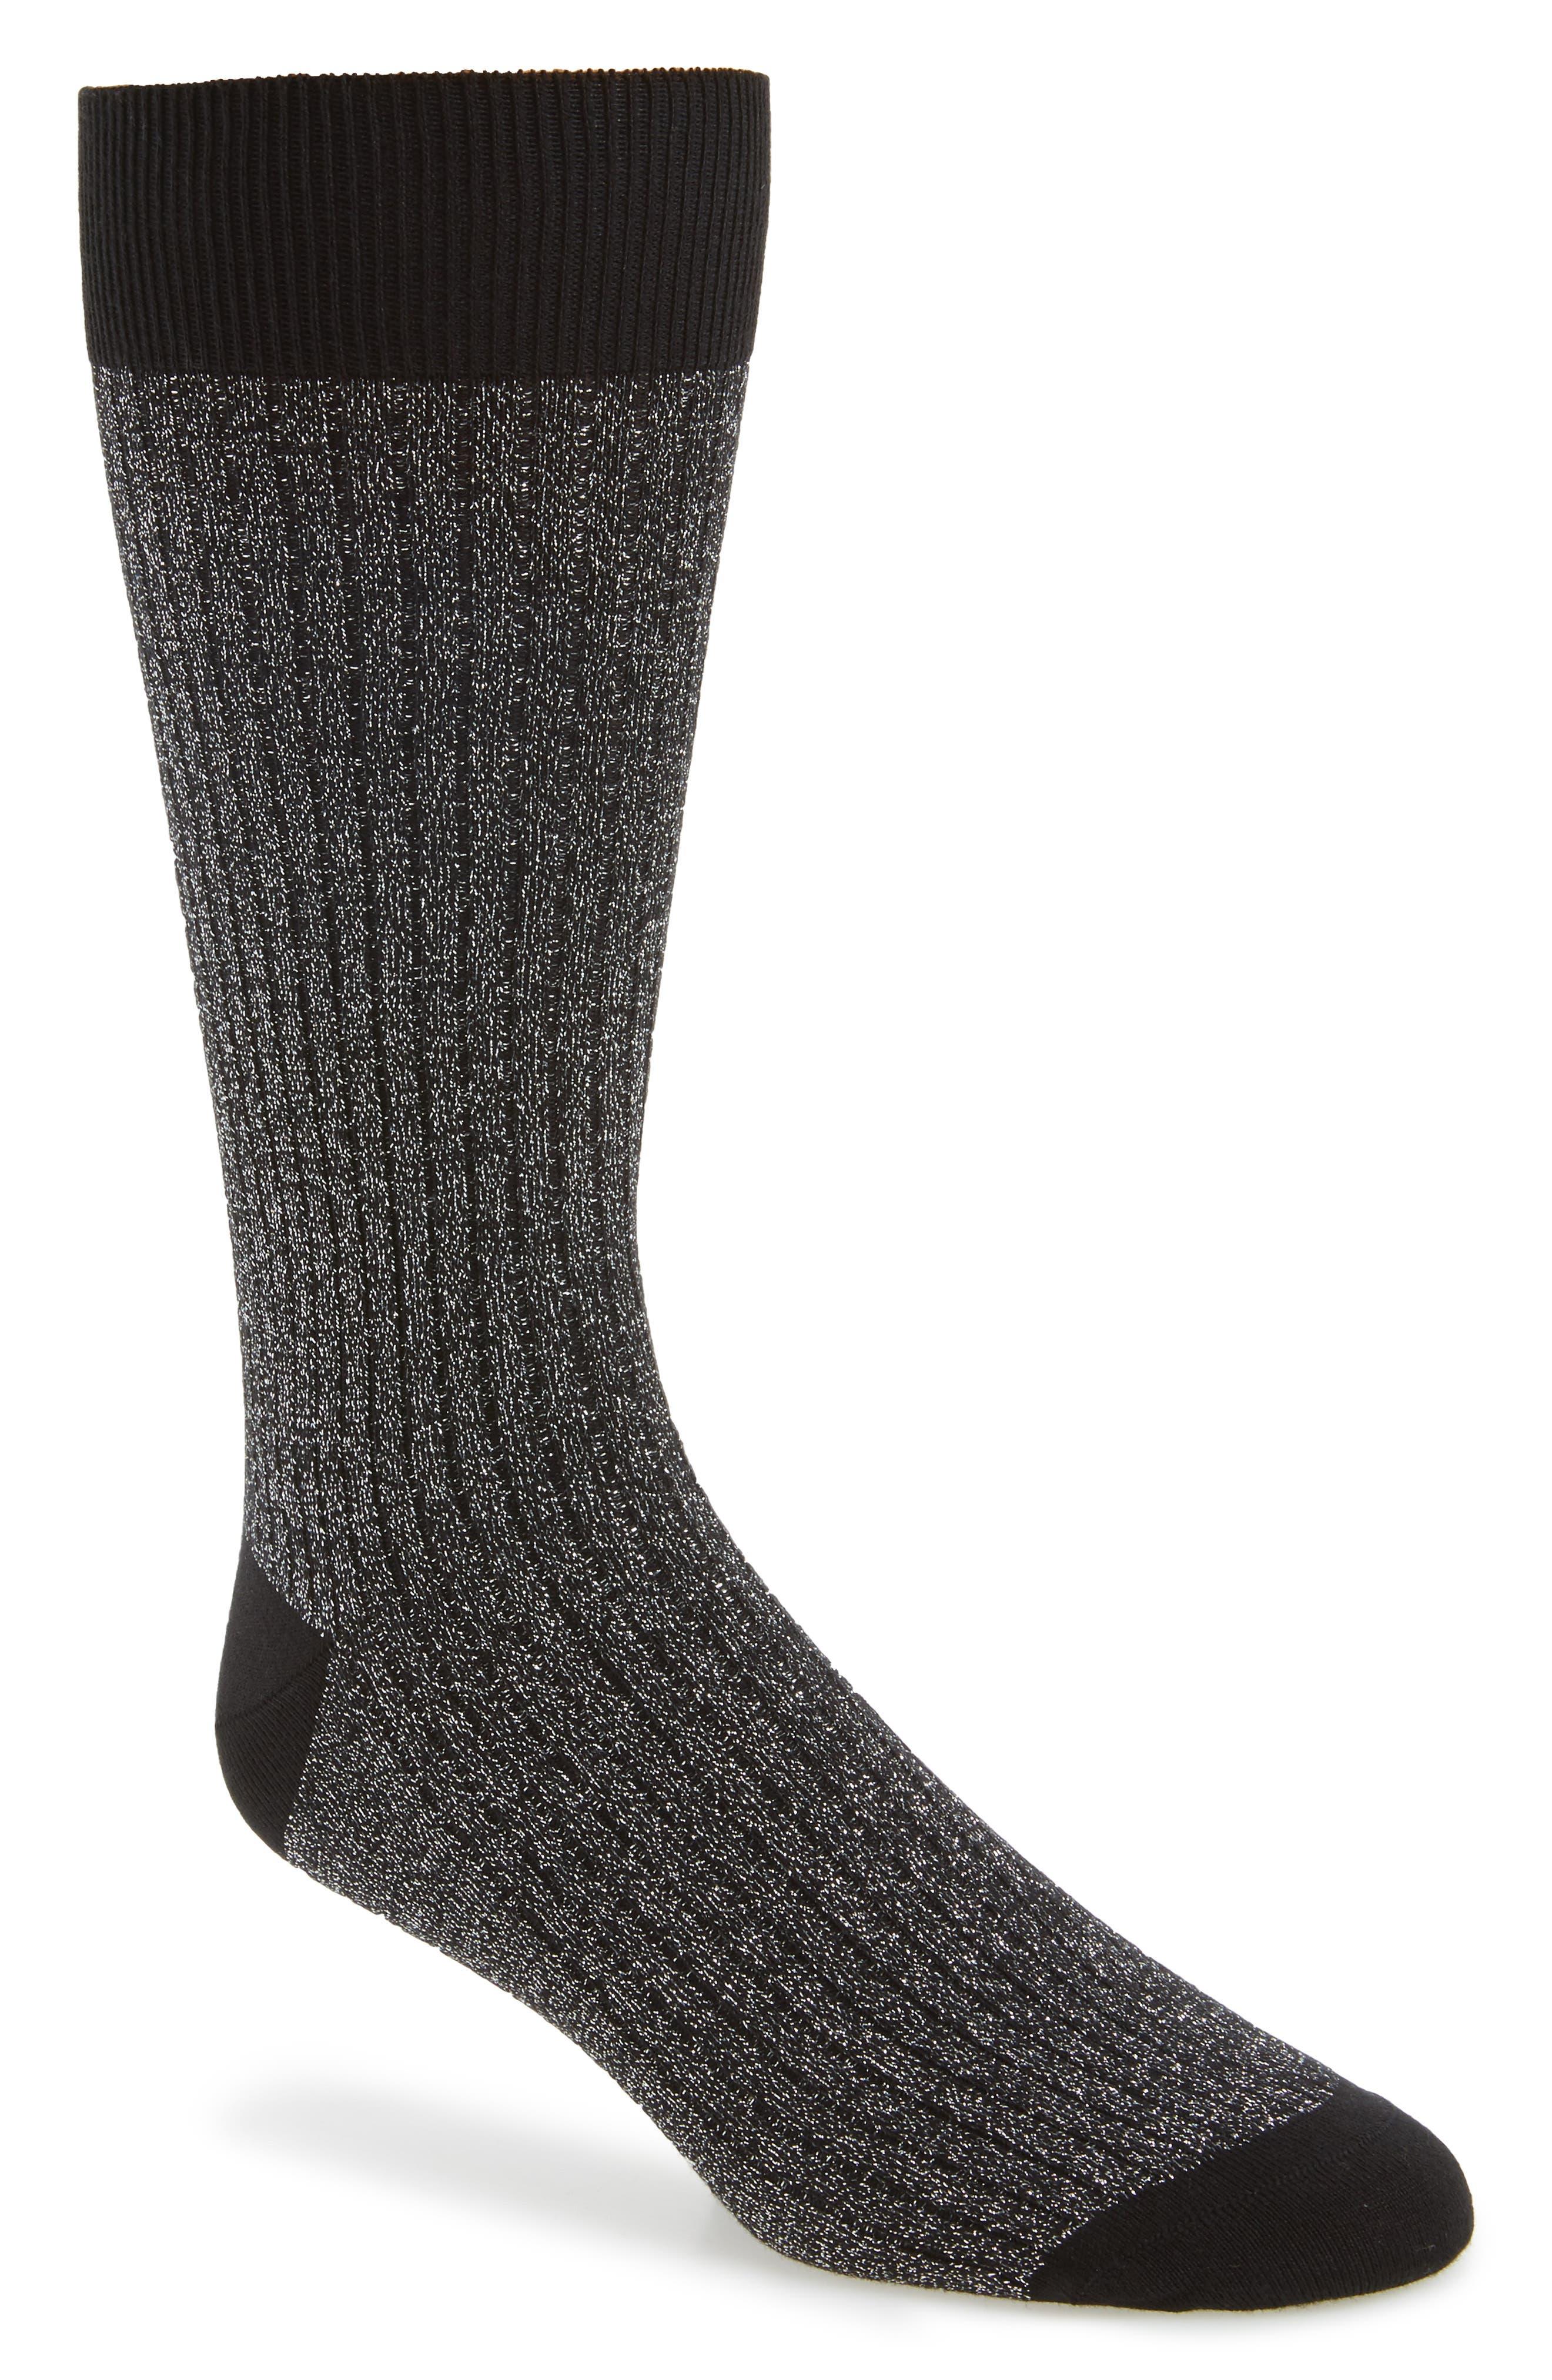 Sparkle Socks,                             Main thumbnail 1, color,                             Black